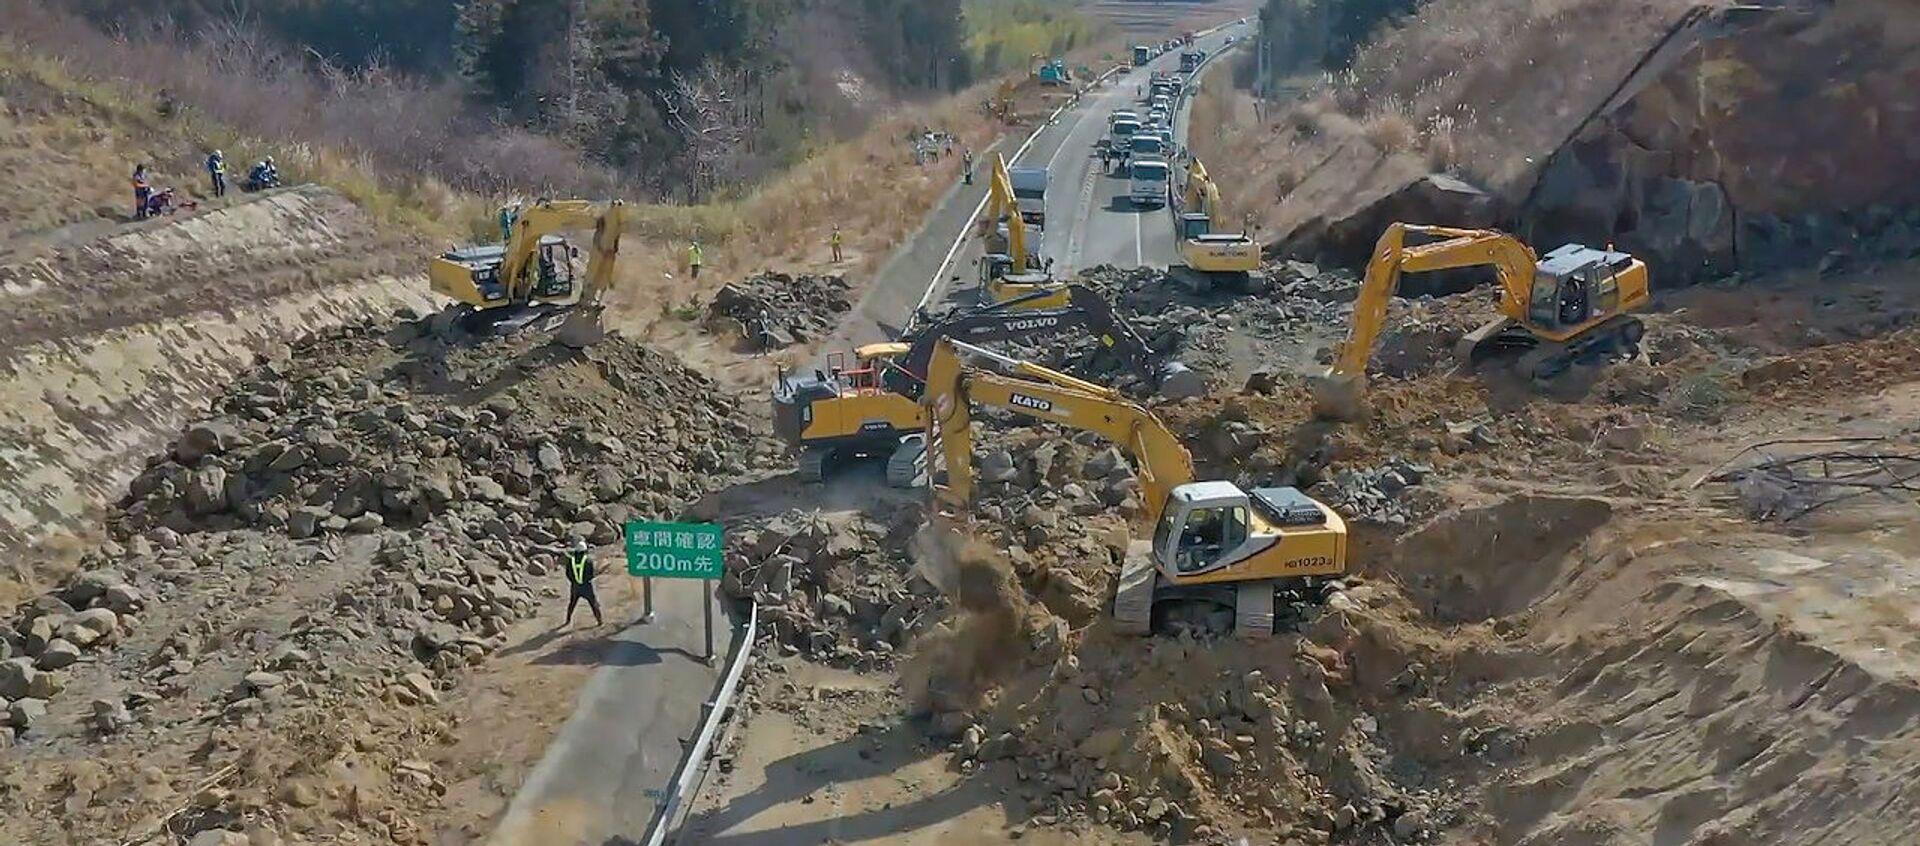 Снова Фукусима: последствия мощного землетрясения в Японии - видео - Sputnik Узбекистан, 1920, 15.02.2021